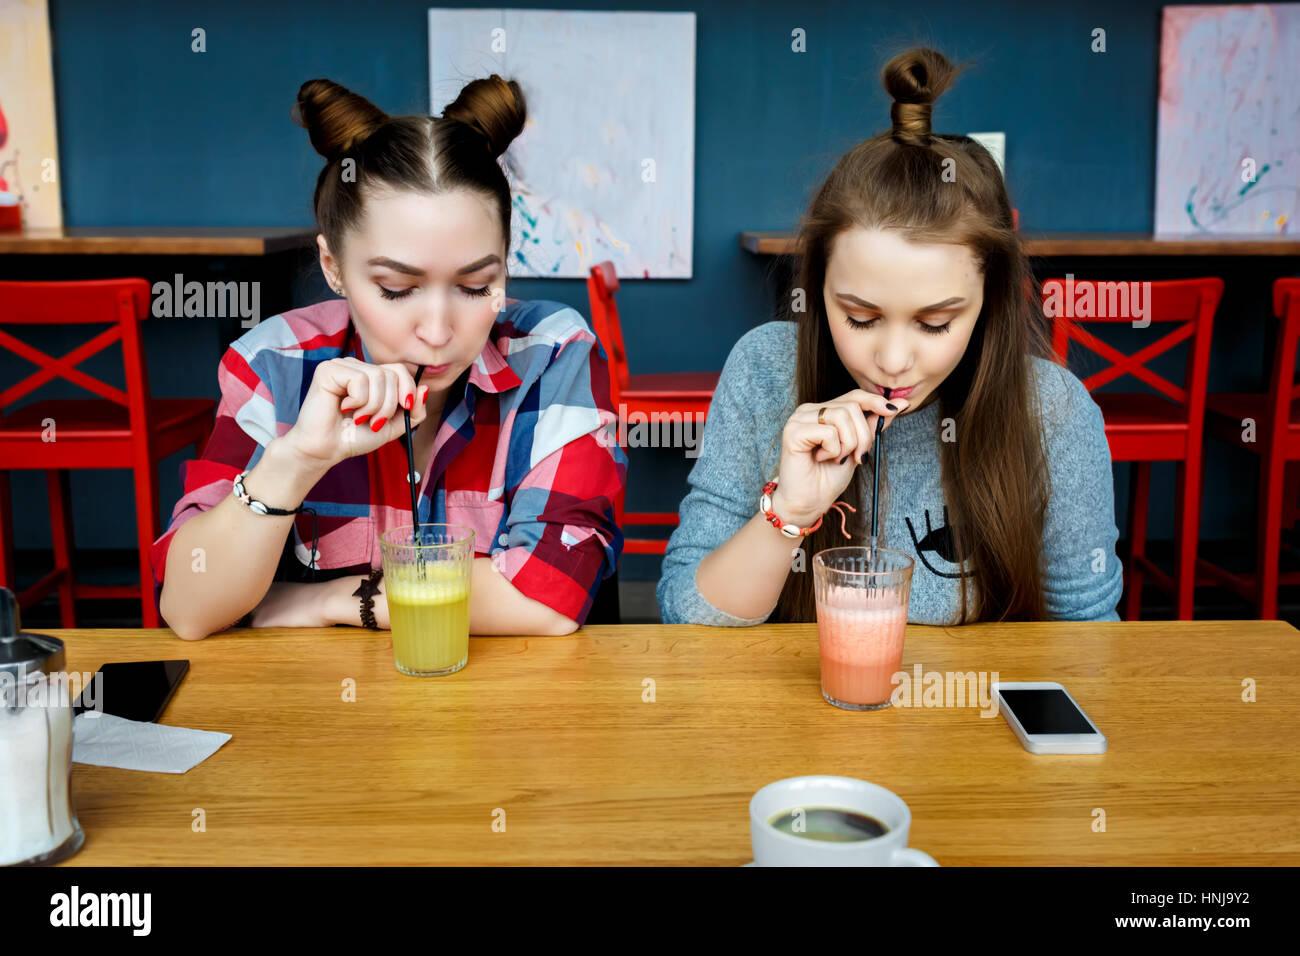 Junge Mädchen, die Spaß in einer Cafébar. Stockbild